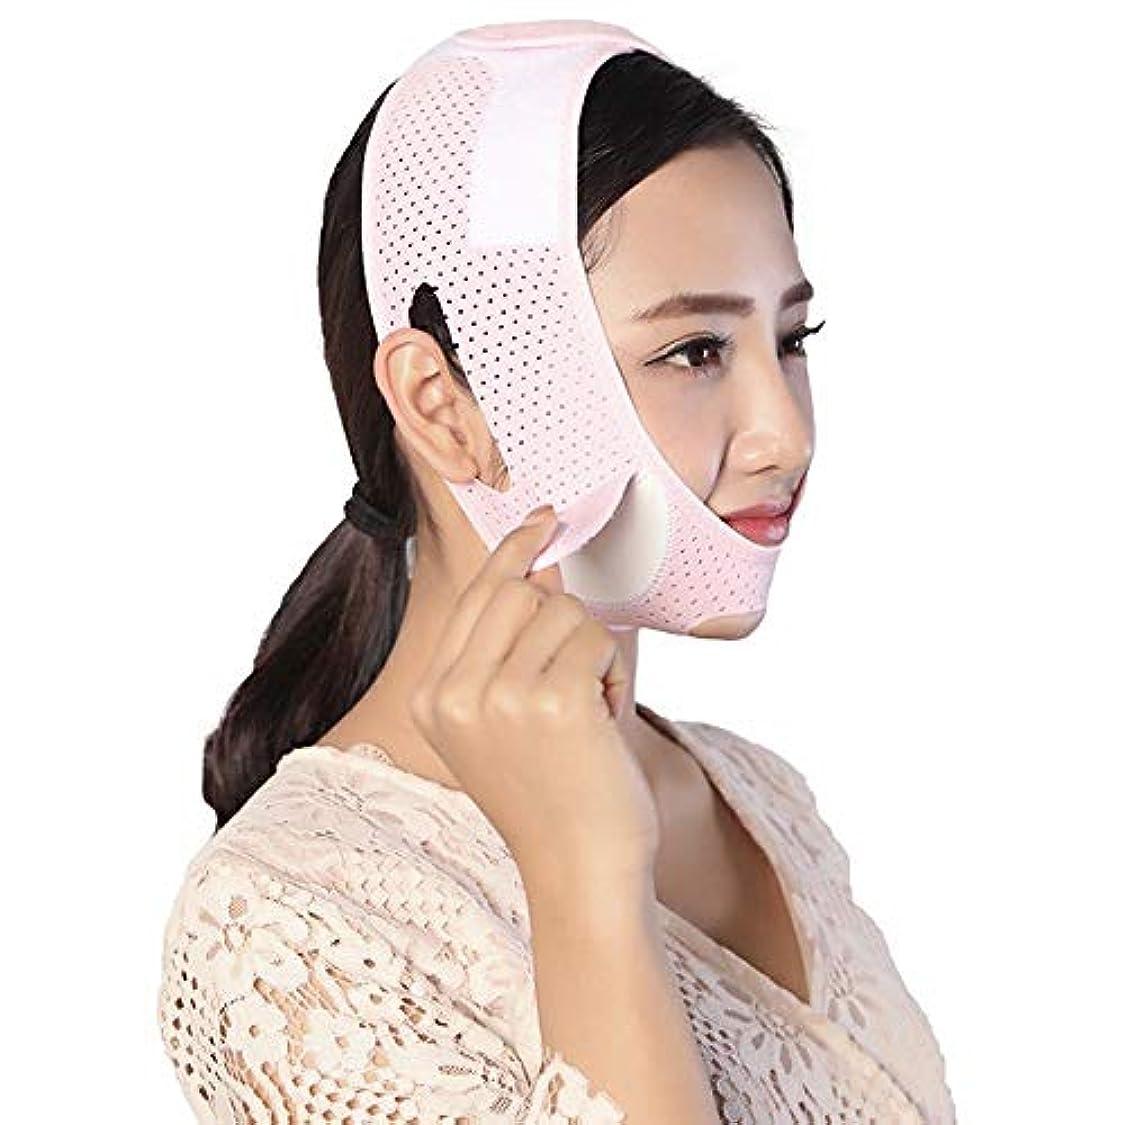 ボートキルト倍率Jia He 軽量 薄い顔のバンド - 薄い顔の包帯は、ダブルの顎の法令Vをマスクするために持ち上げて睡眠マスクの通気 ##